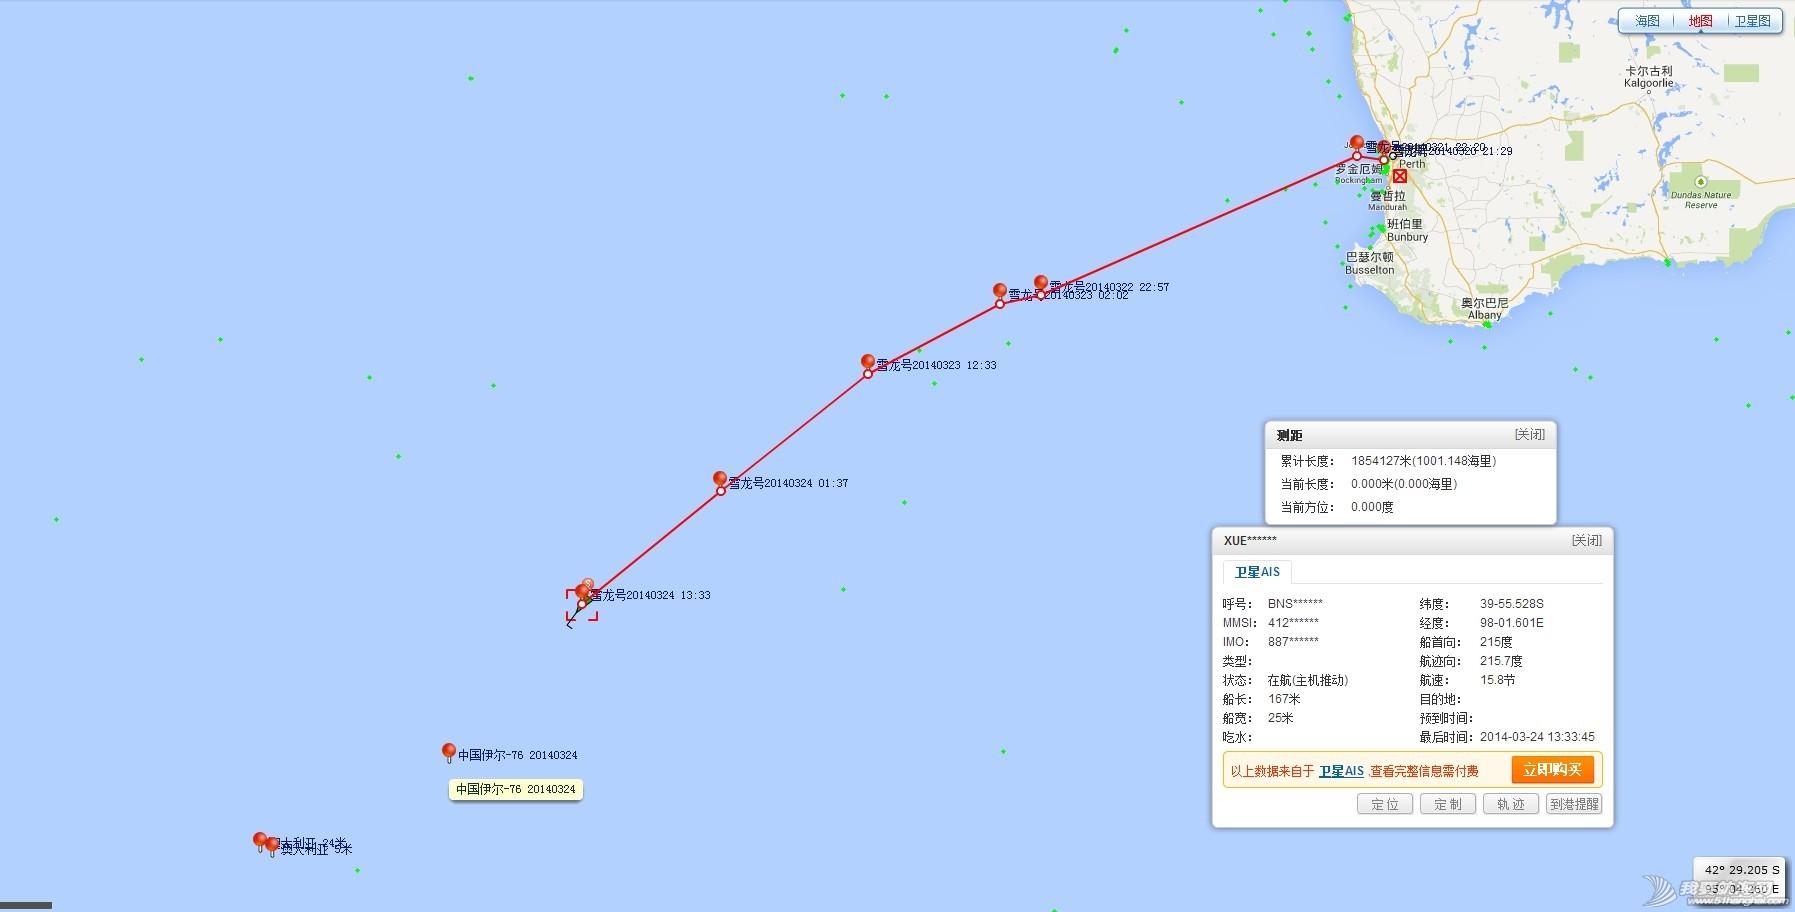 澳大利亚 【雪龙动态】雪龙号从澳大利亚出发搜寻MH370失联客机 雪龙号20140324